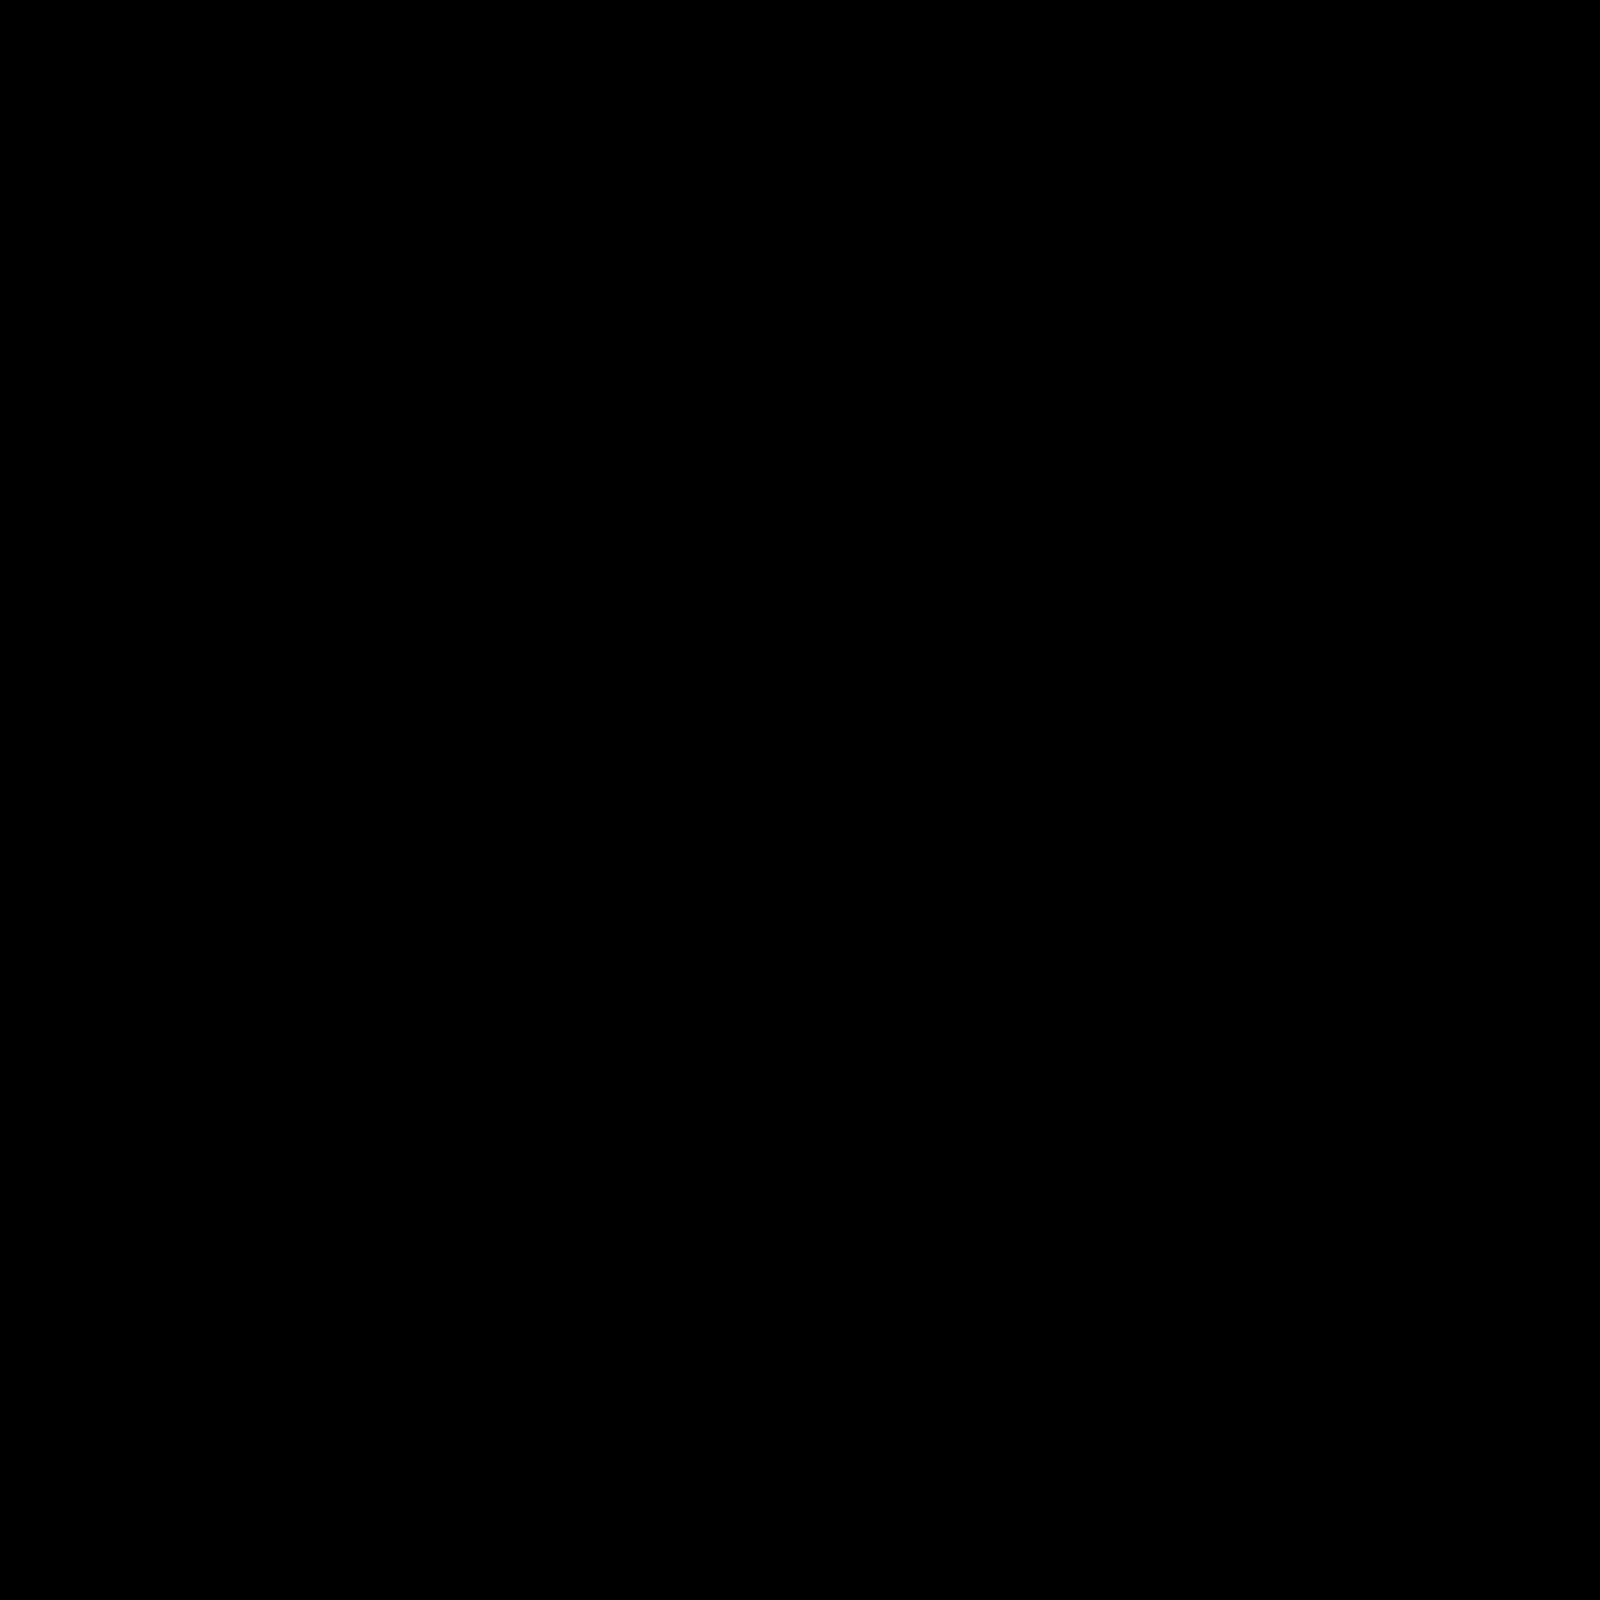 ドアセンサーアラームなし icon. This icon is in the shape of a door, the door is open about half way. You can see the door frame and the door has a handle. On both sides of the door are two sets of curved lines. The lines are curving away from the door and are close together.